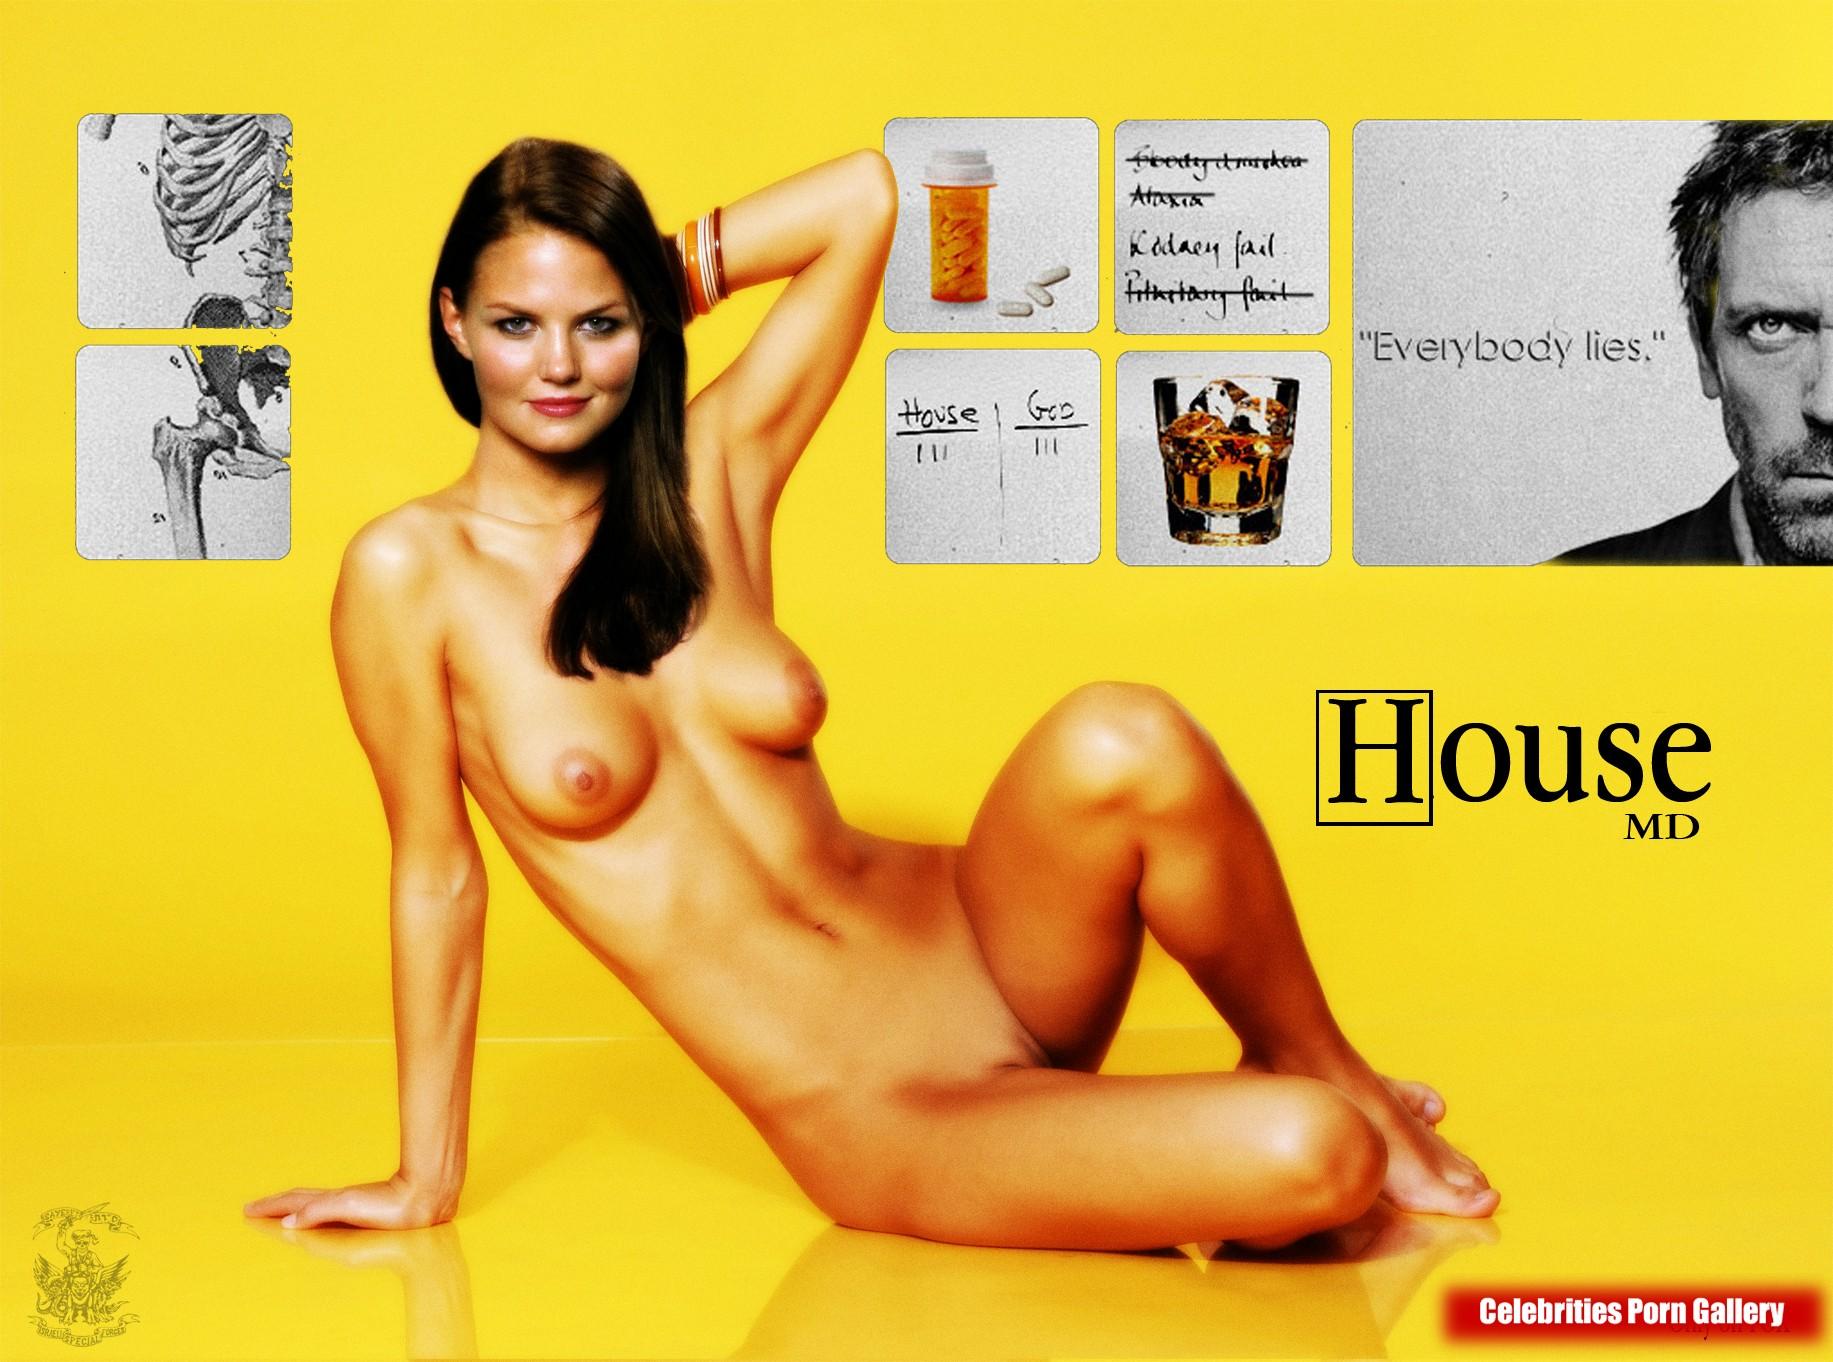 Jennifer morrison nude gallery